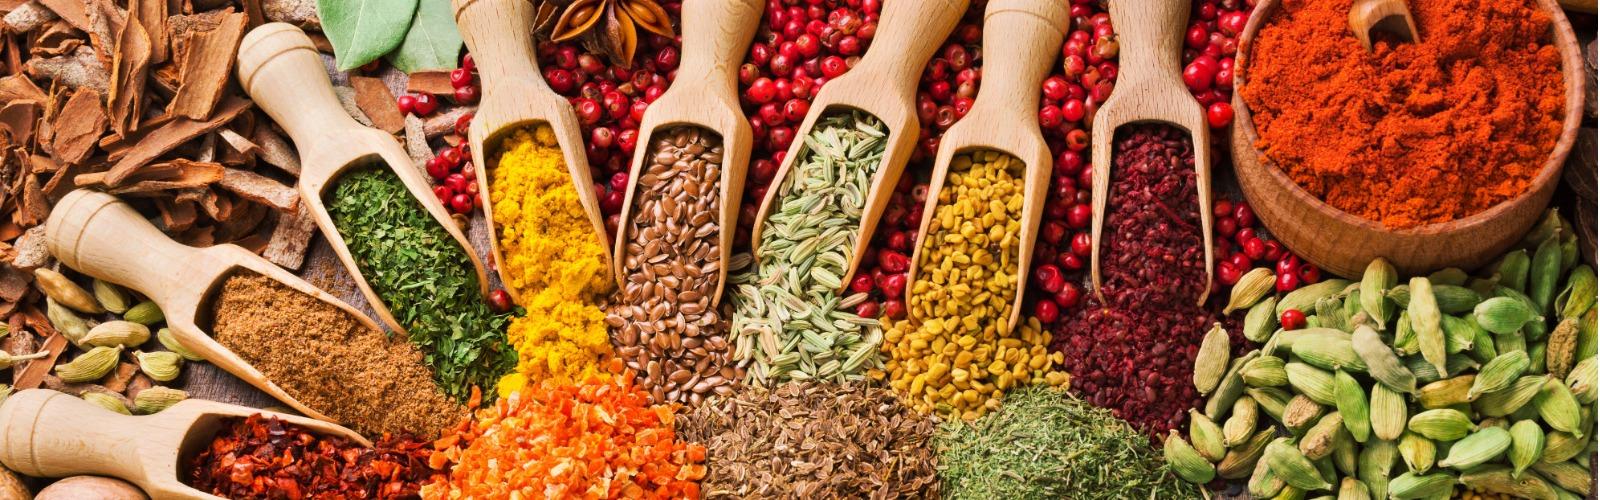 Nutrizione Benessere E Salute Nutrizionista Bergamo Corti Francesco